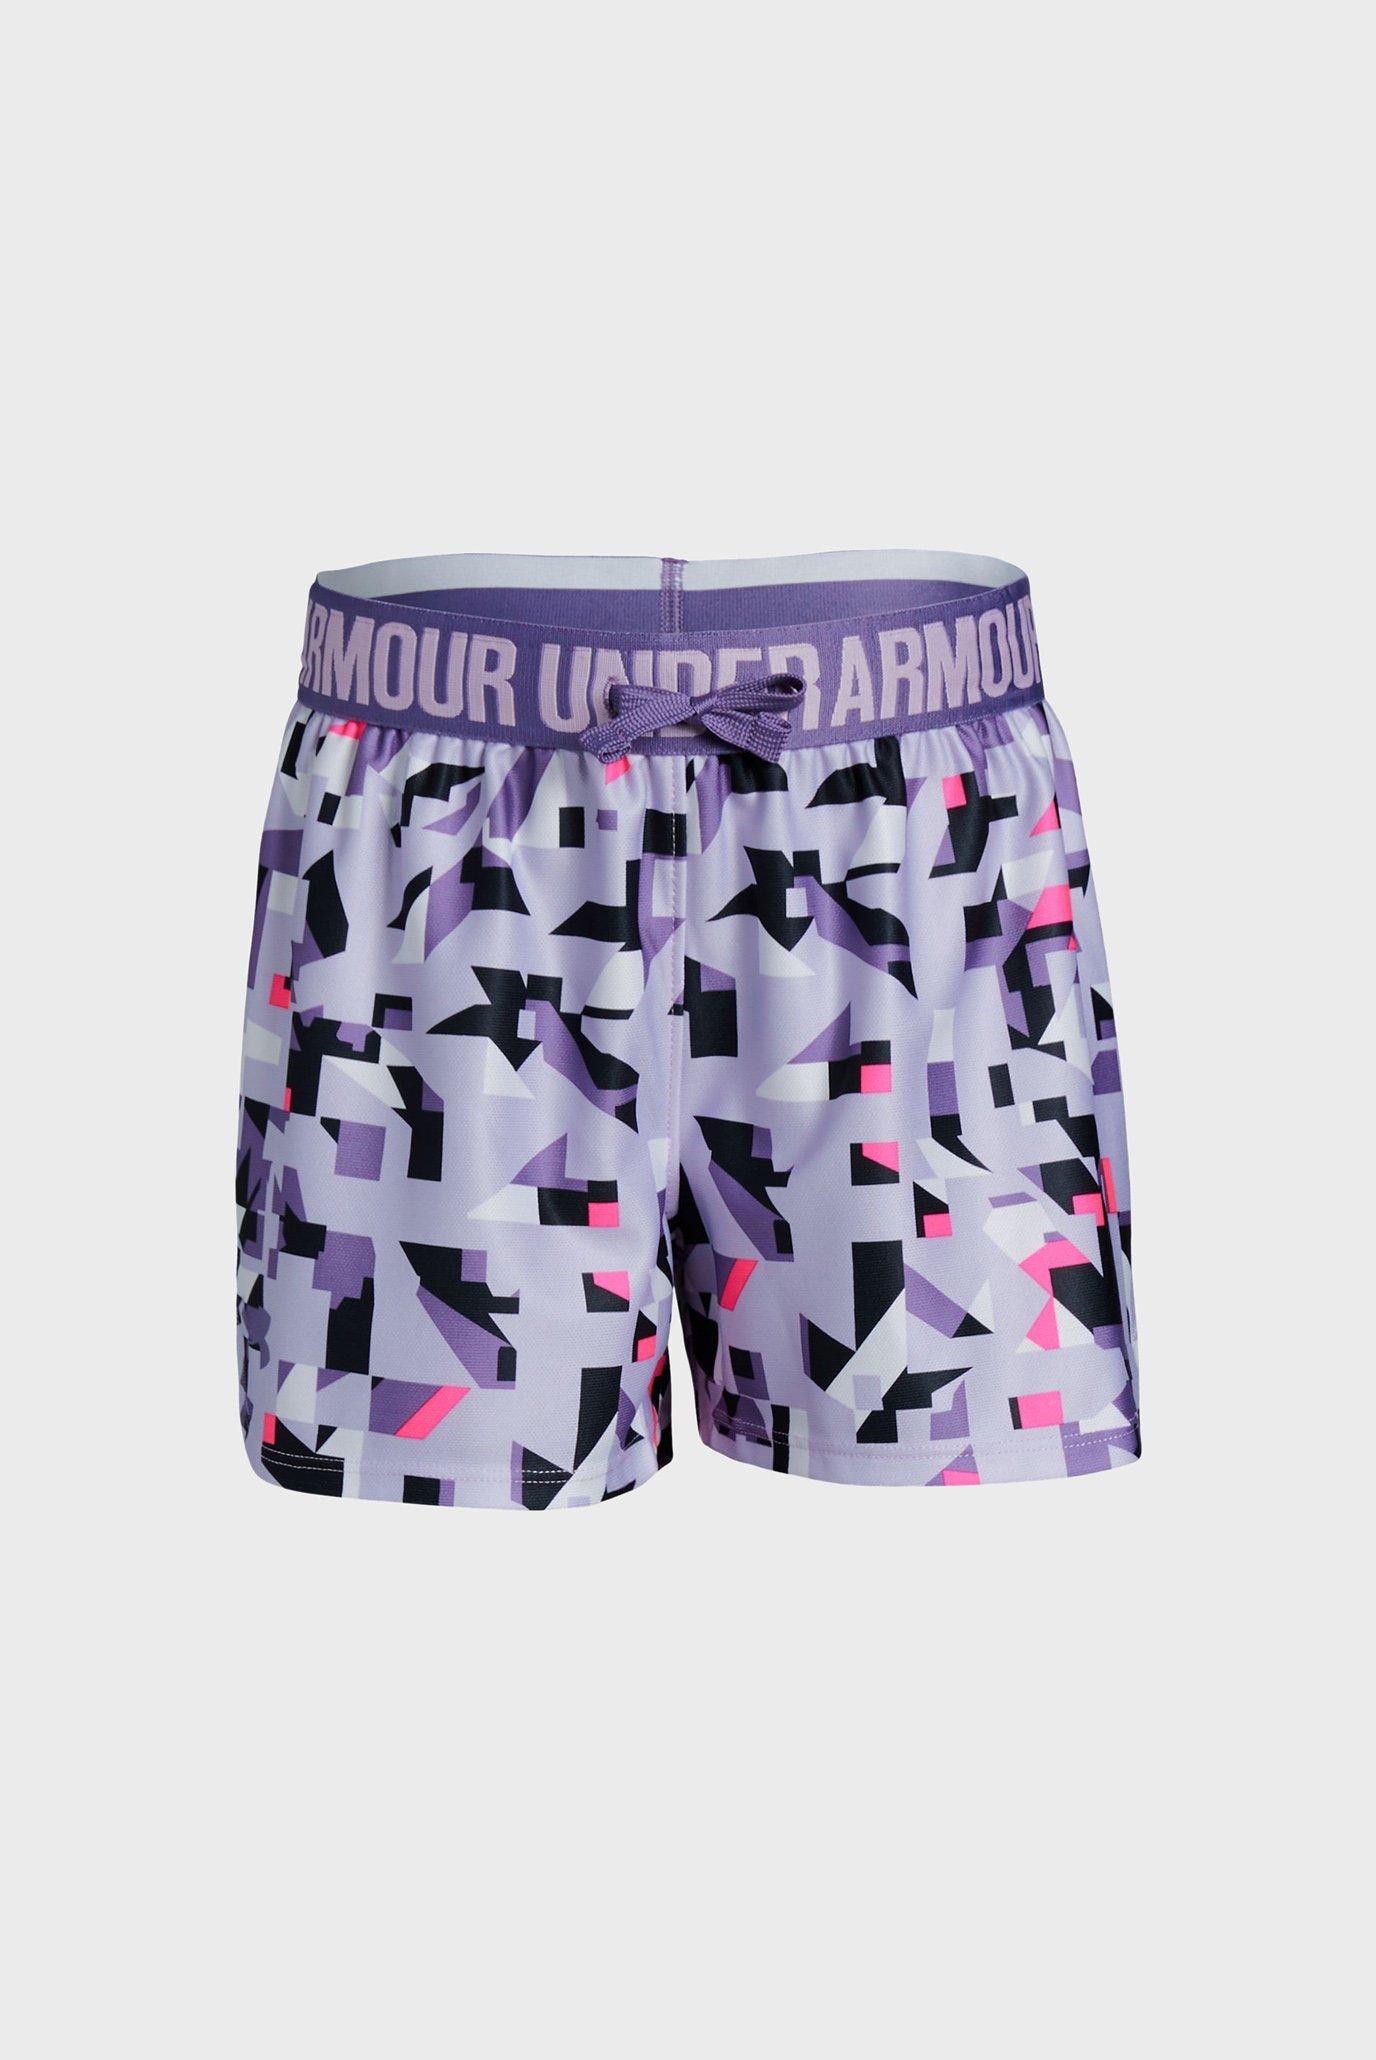 Купить Детские фиолетовые шорты Play Up Printed Under Armour Under Armour 1341126-543 – Киев, Украина. Цены в интернет магазине MD Fashion